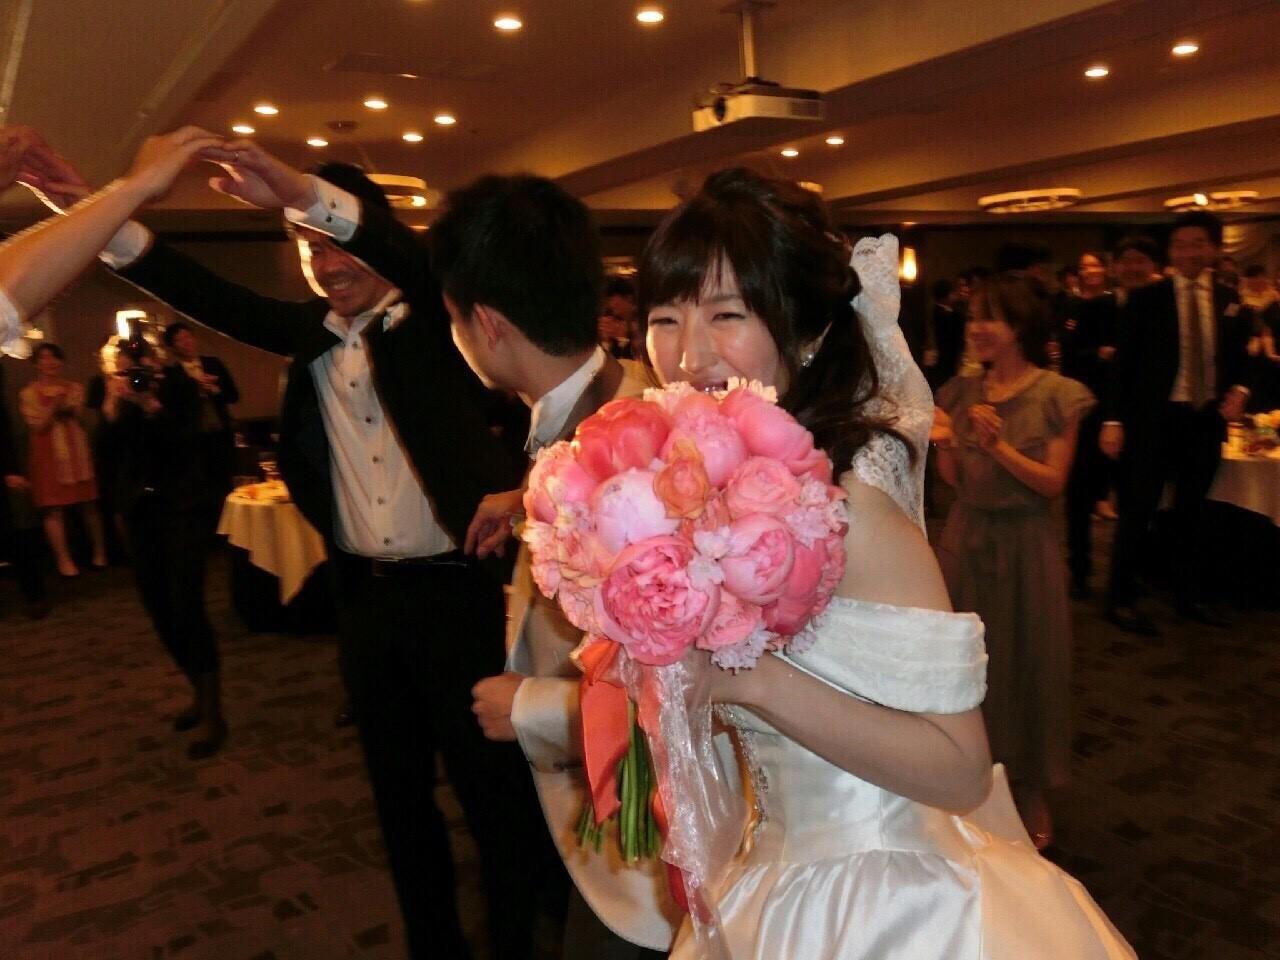 新郎新婦様からのメール シャクヤクのブーケ、ホテル椿山荘東京の花嫁様より_a0042928_11563103.jpg